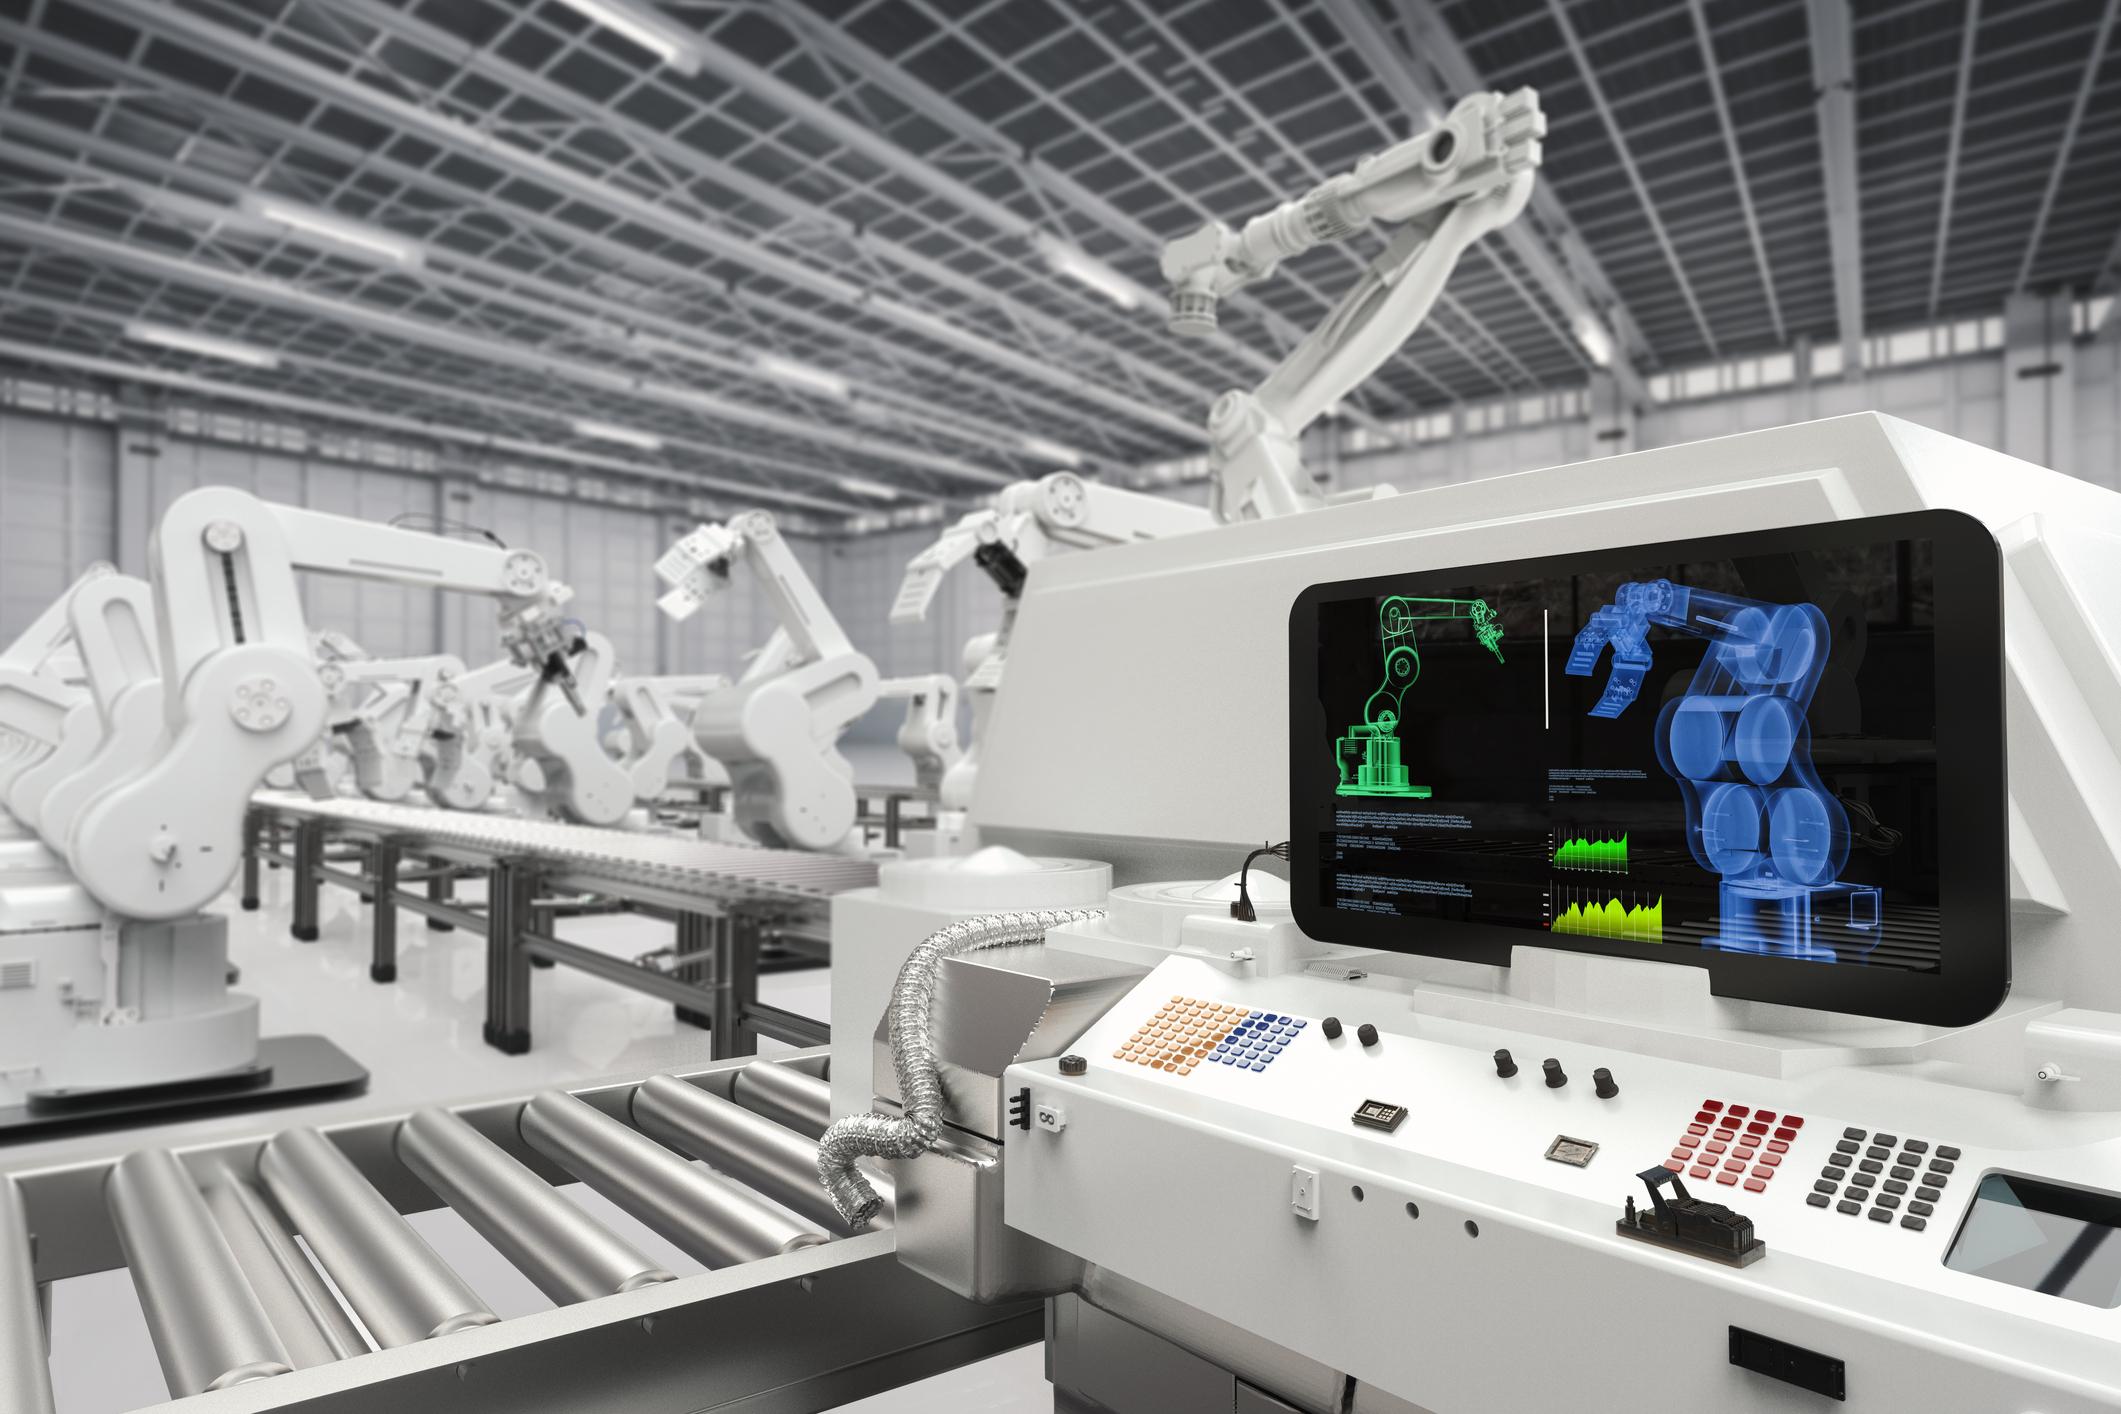 【機械・電気系・経験者募集】超精密軸制御技術をコアにお客様のニーズに答えるエンジニア